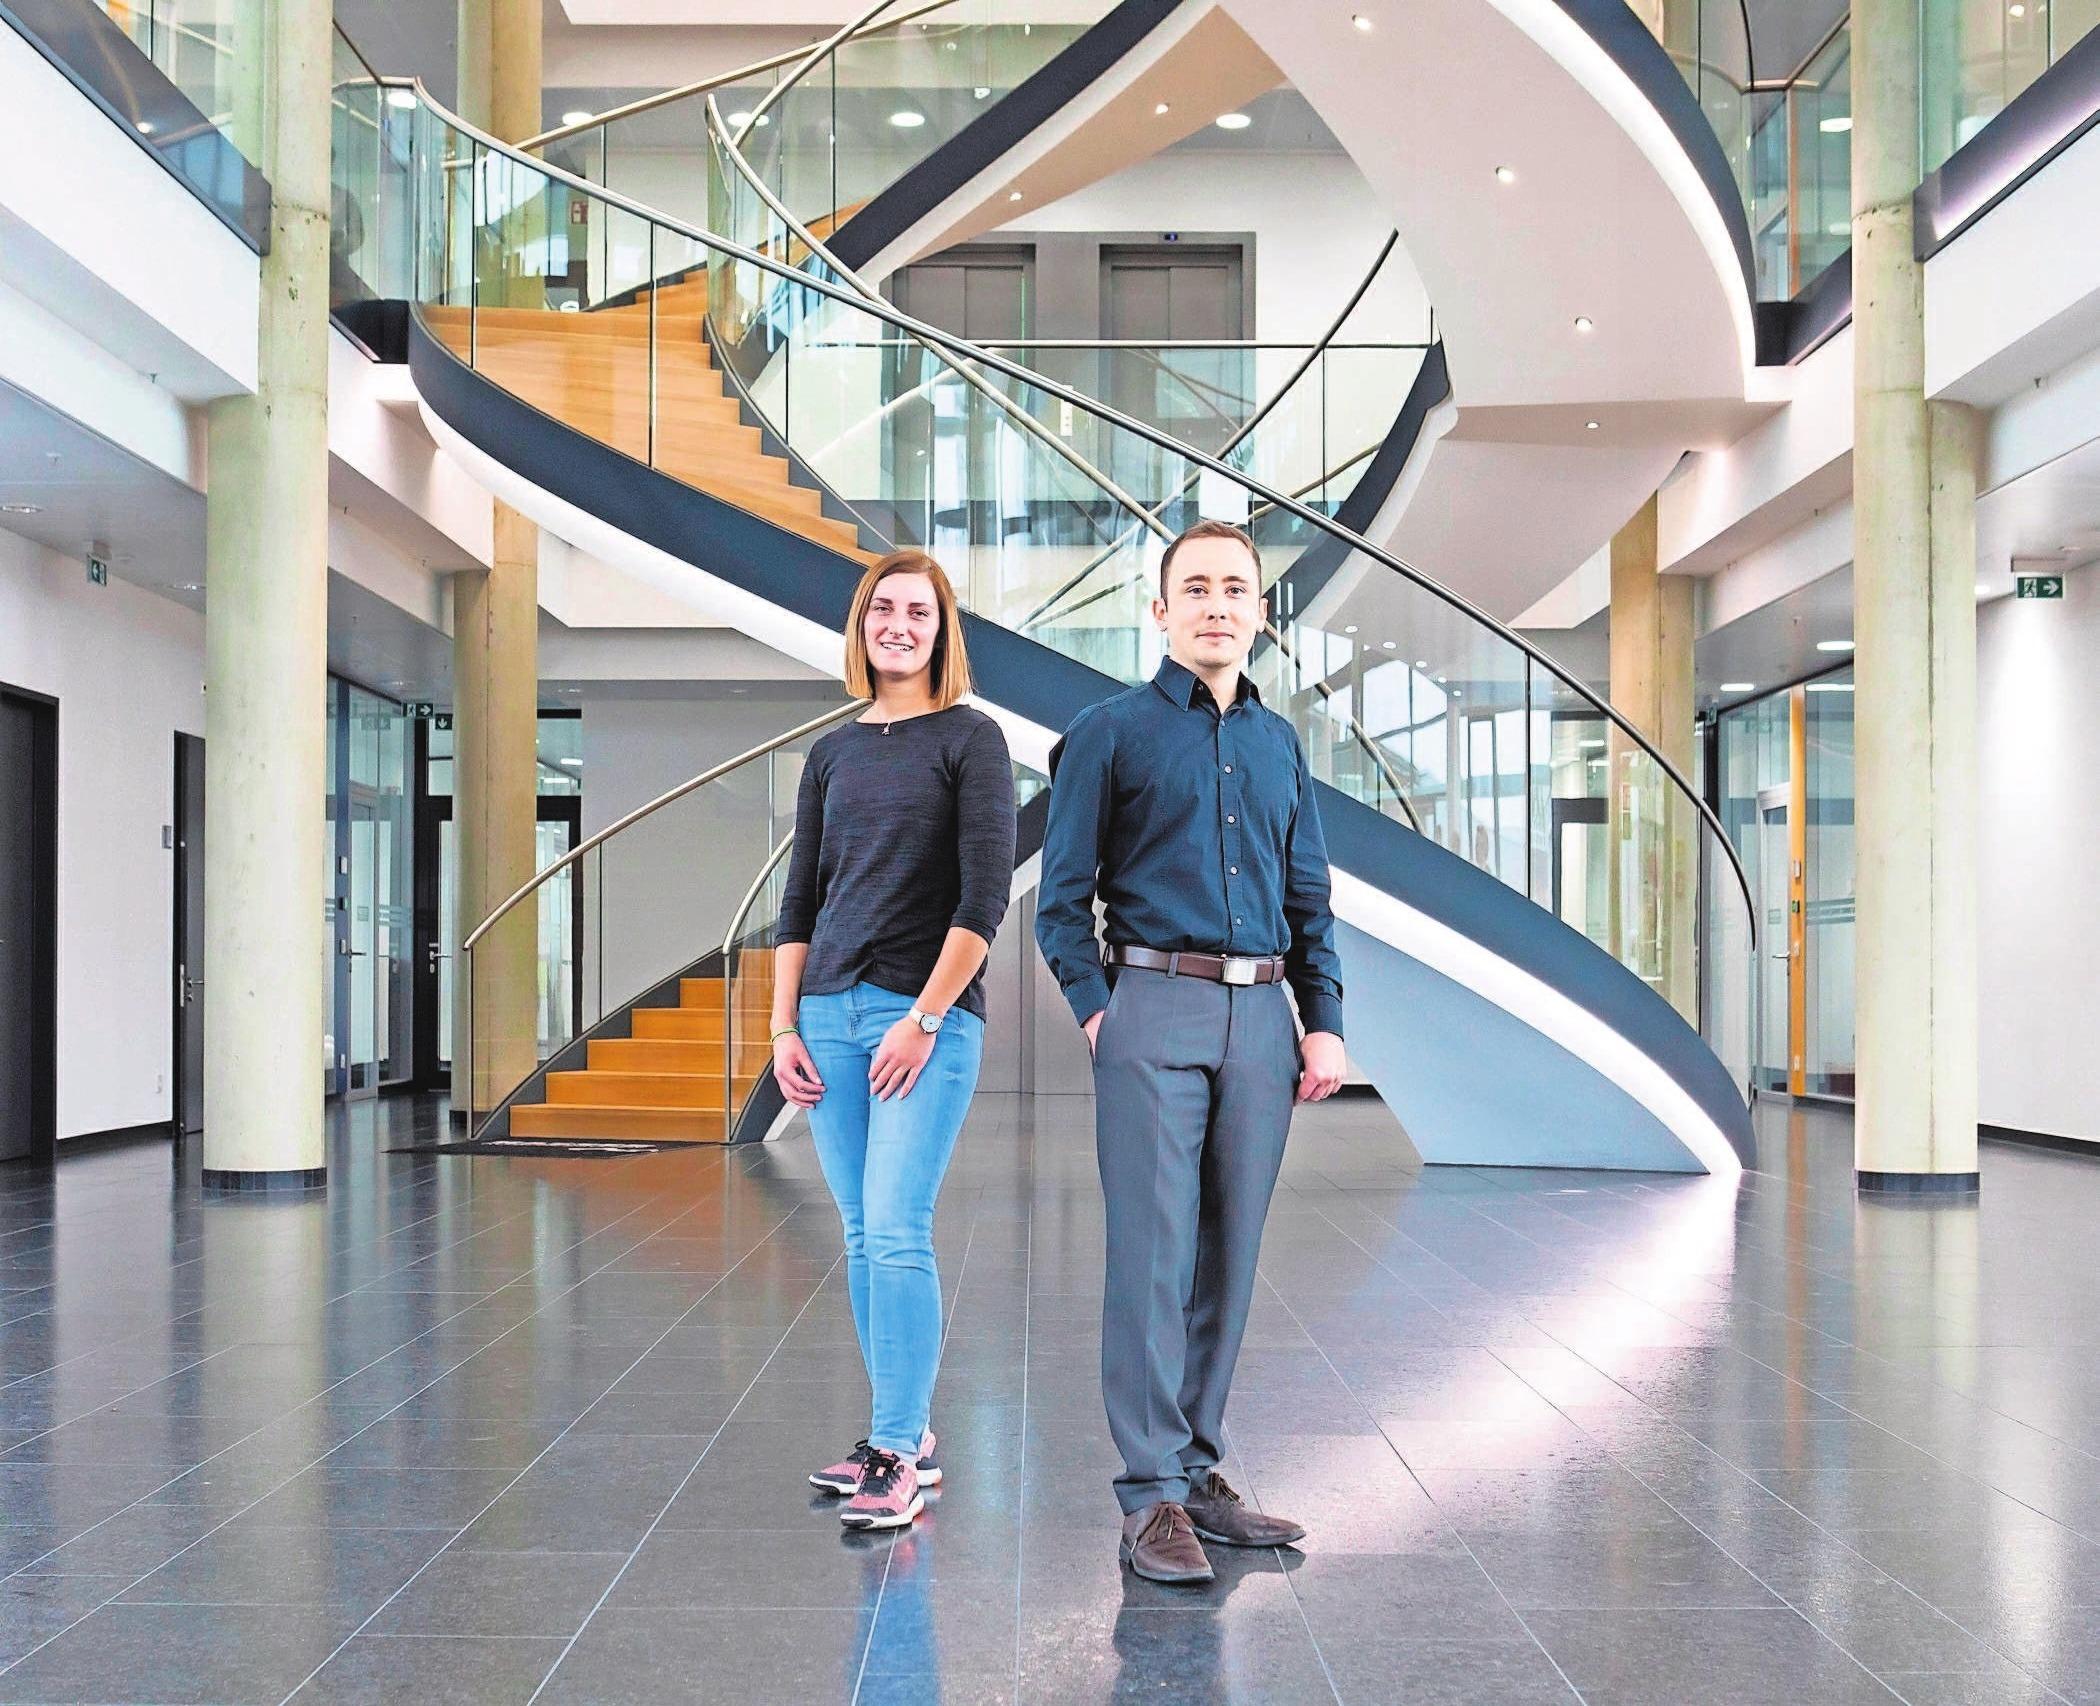 Isabell Neubert und Sebastian Triebel sind nur zwei von vielen jungen Menschen, für die die Ausbildung der Anfang auf der Karriereleiter bei Kaeser gewesen ist.